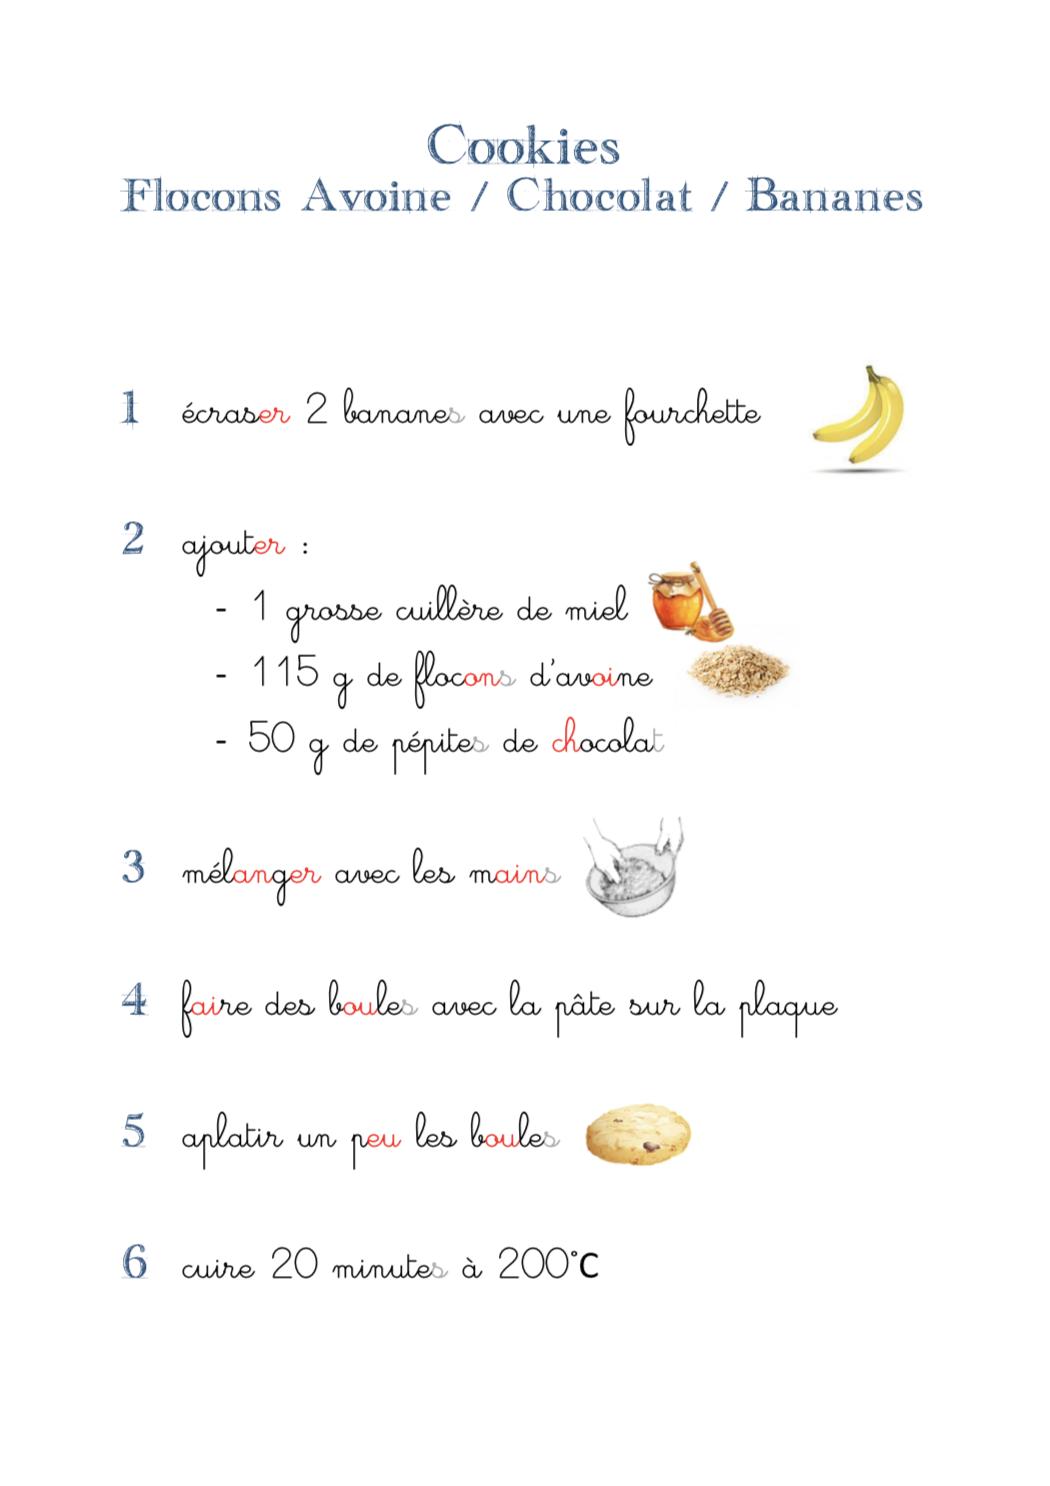 recette cookies avoine bananes chocolat